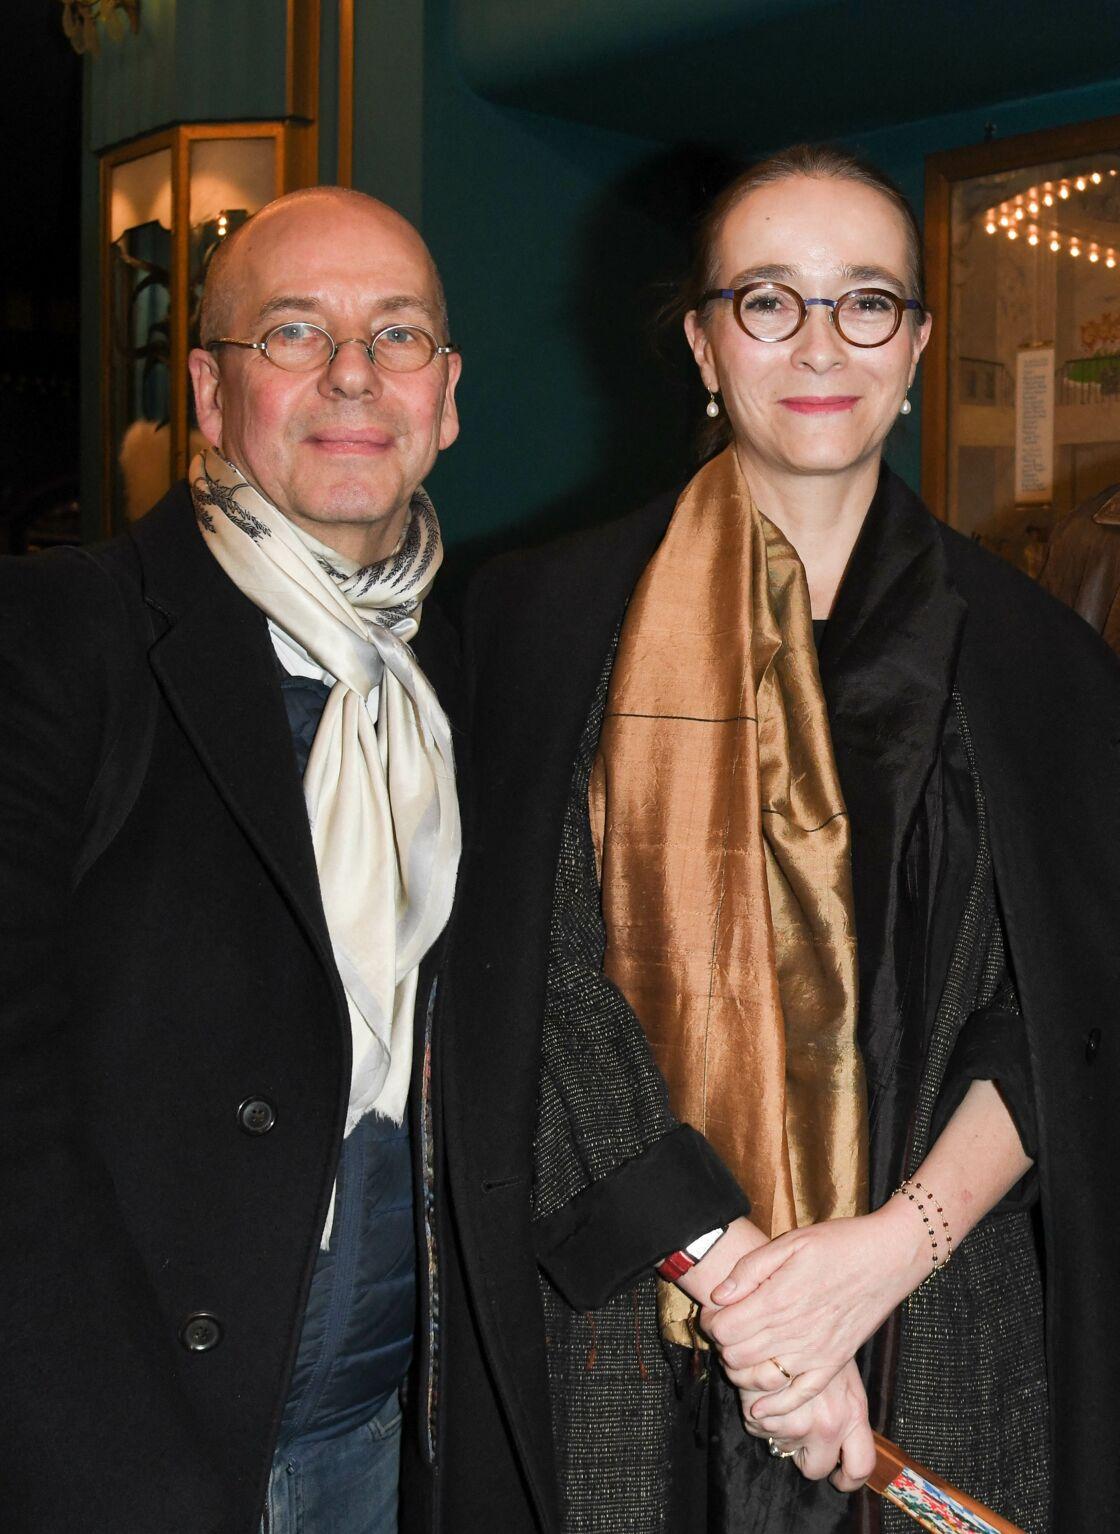 Delphine Ernotte et son mari Marc Ernotte à la 100ème du spectacle Alex Lutz aux Folies Bergère, à Paris, le 17 janvier 2020.